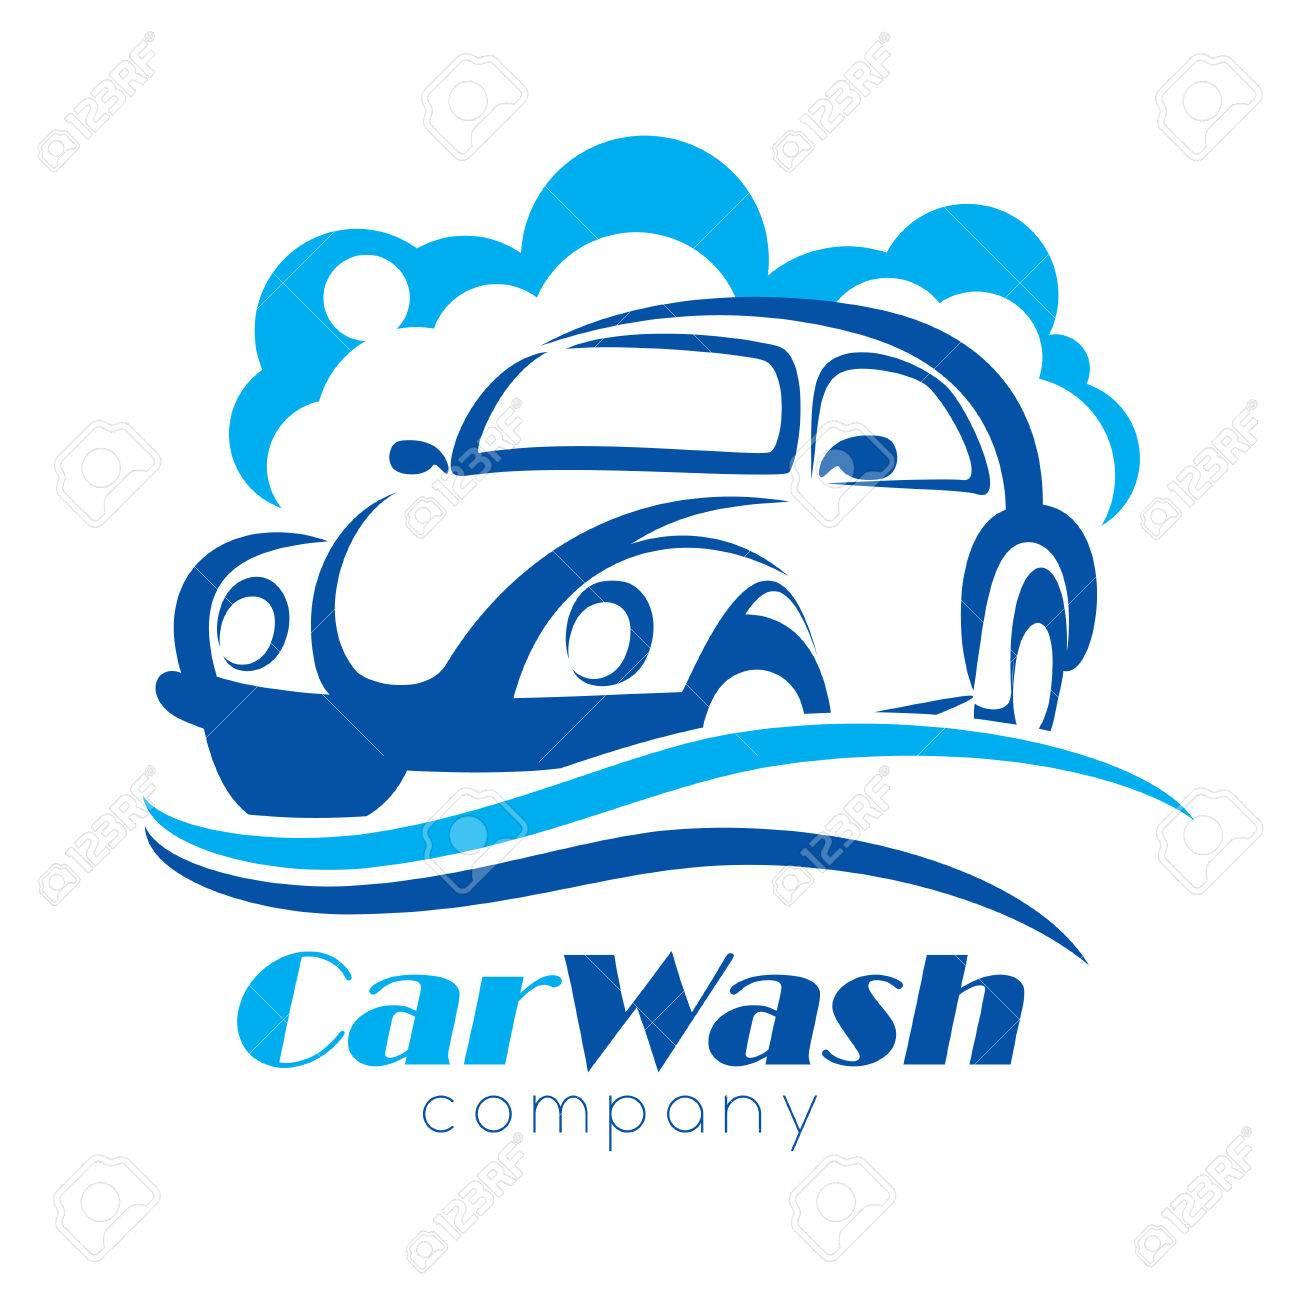 car wash stylized vector symbol design elements for logo template rh 123rf com car wash logo design pictures car wash logo design ideas